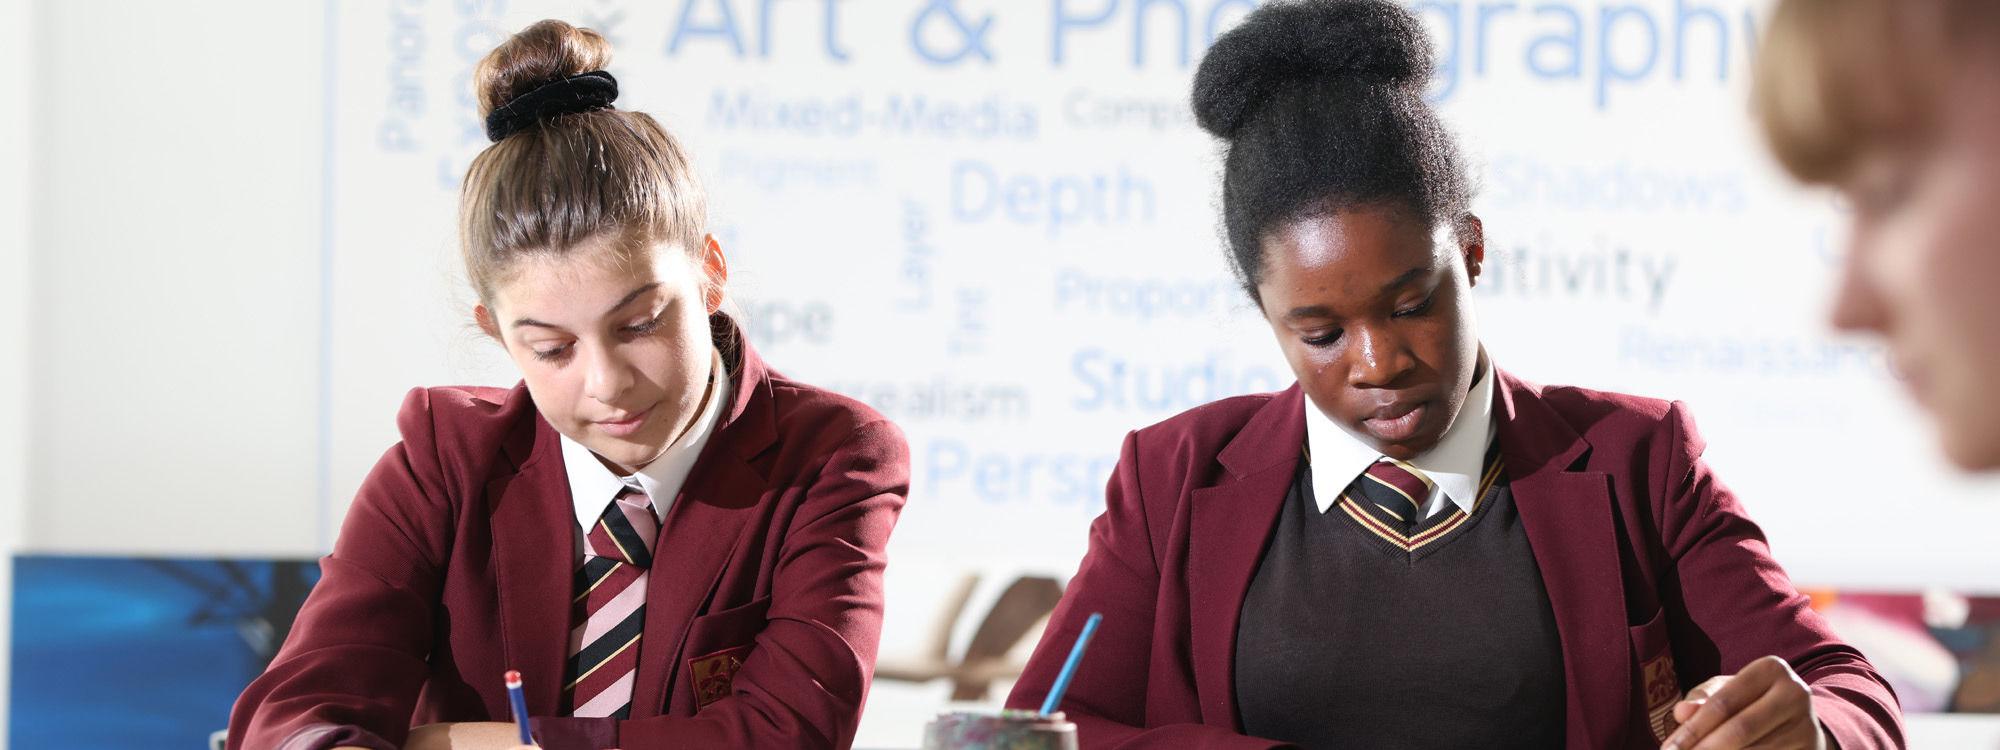 Hertswood academy image 3